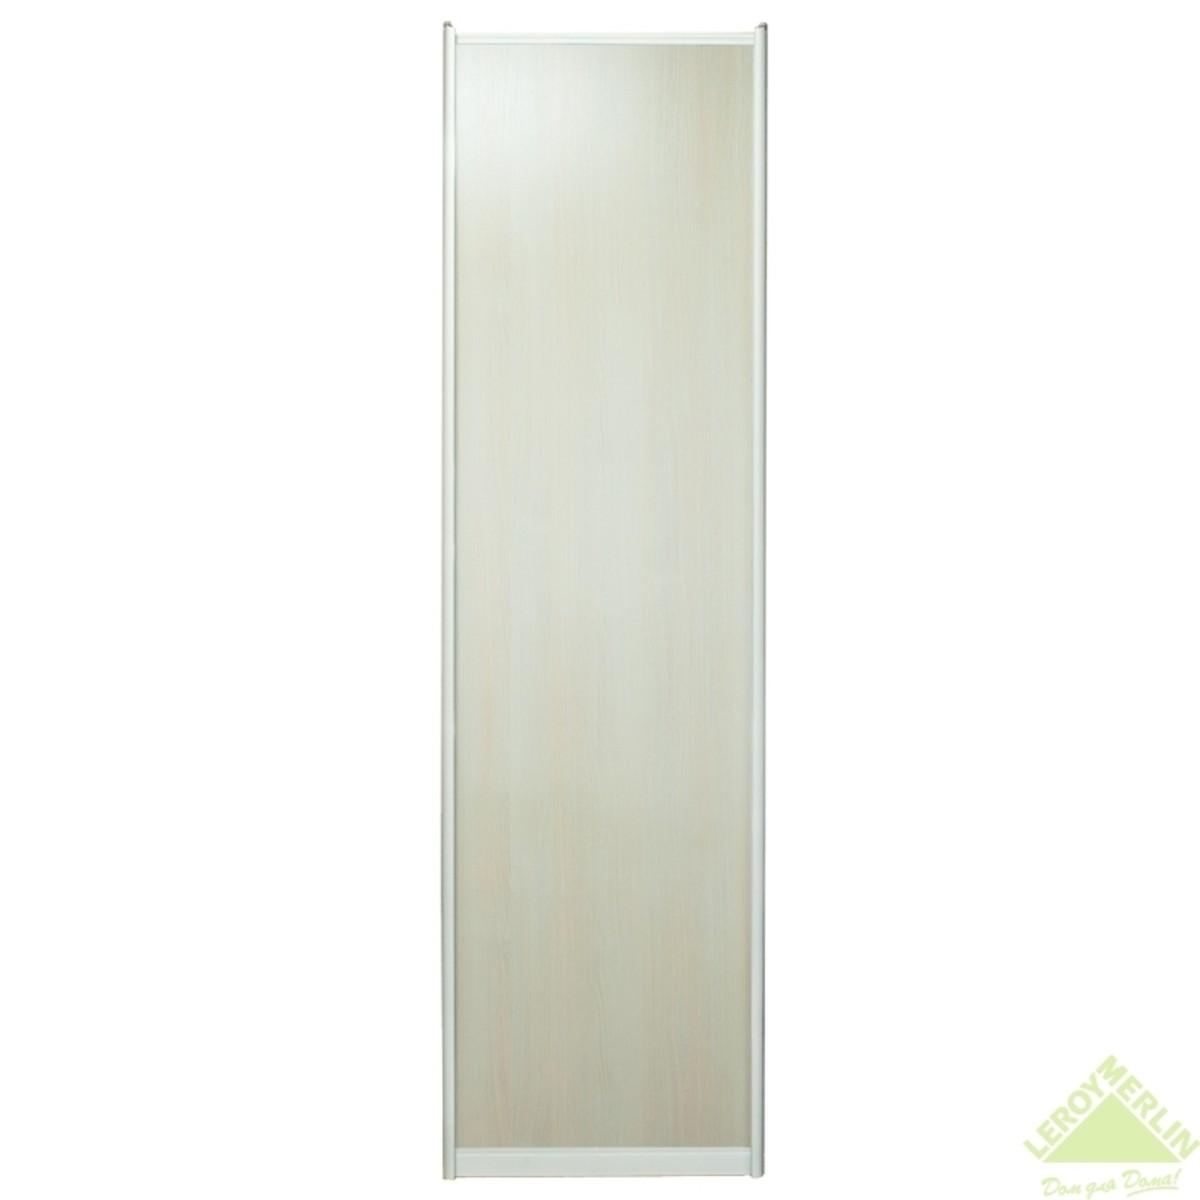 Дверь-купе 2570х642 мм цвет дуб беленый/серебро